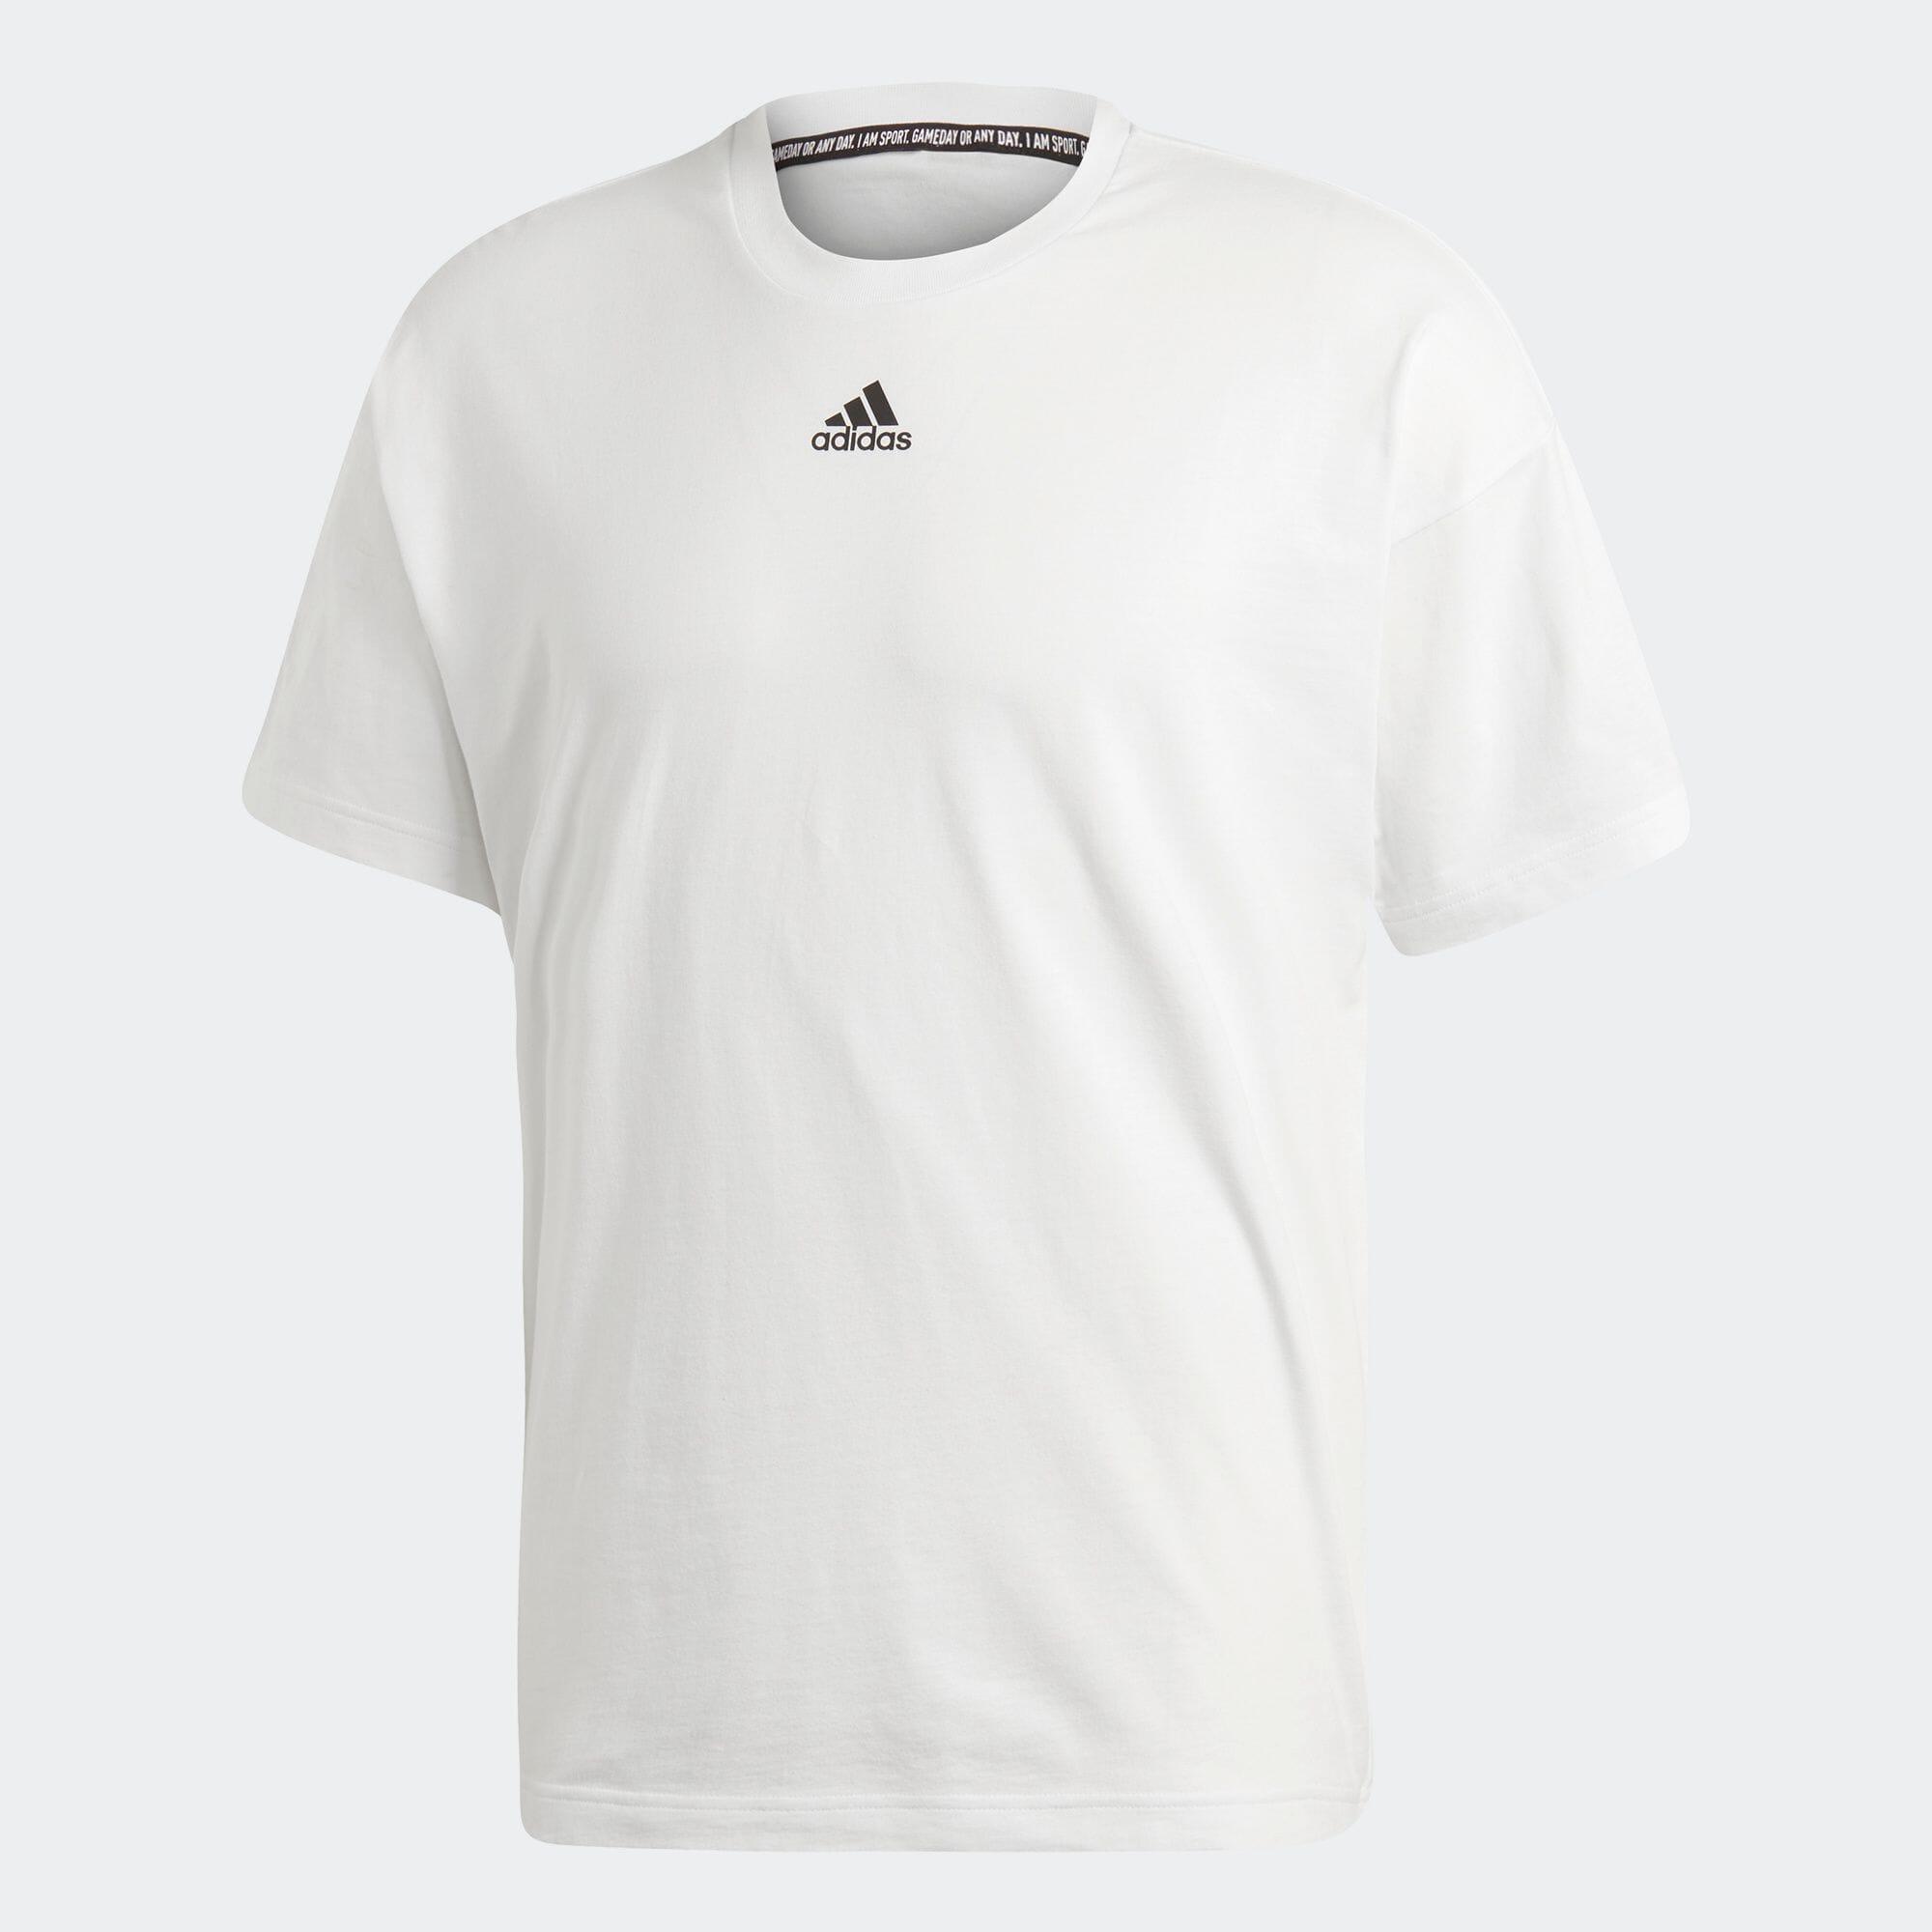 マストハブ スリーストライプス 半袖Tシャツ / Must Haves 3-Stripes Tee